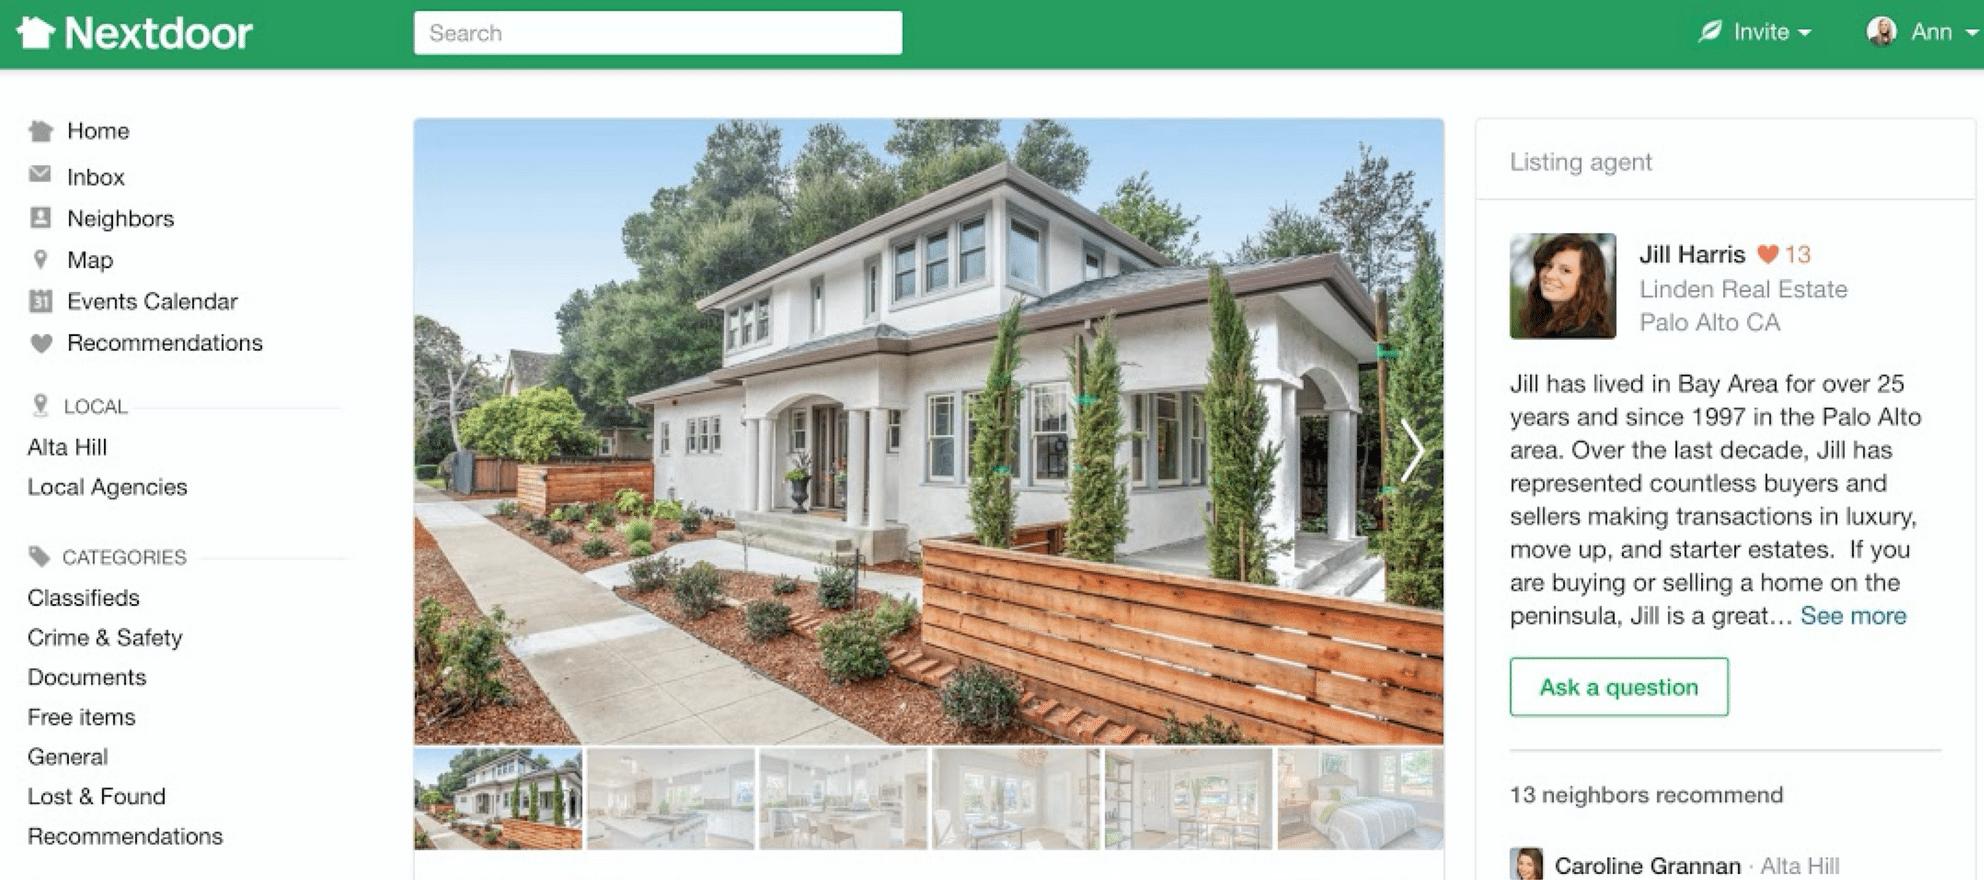 nextdoor real estate